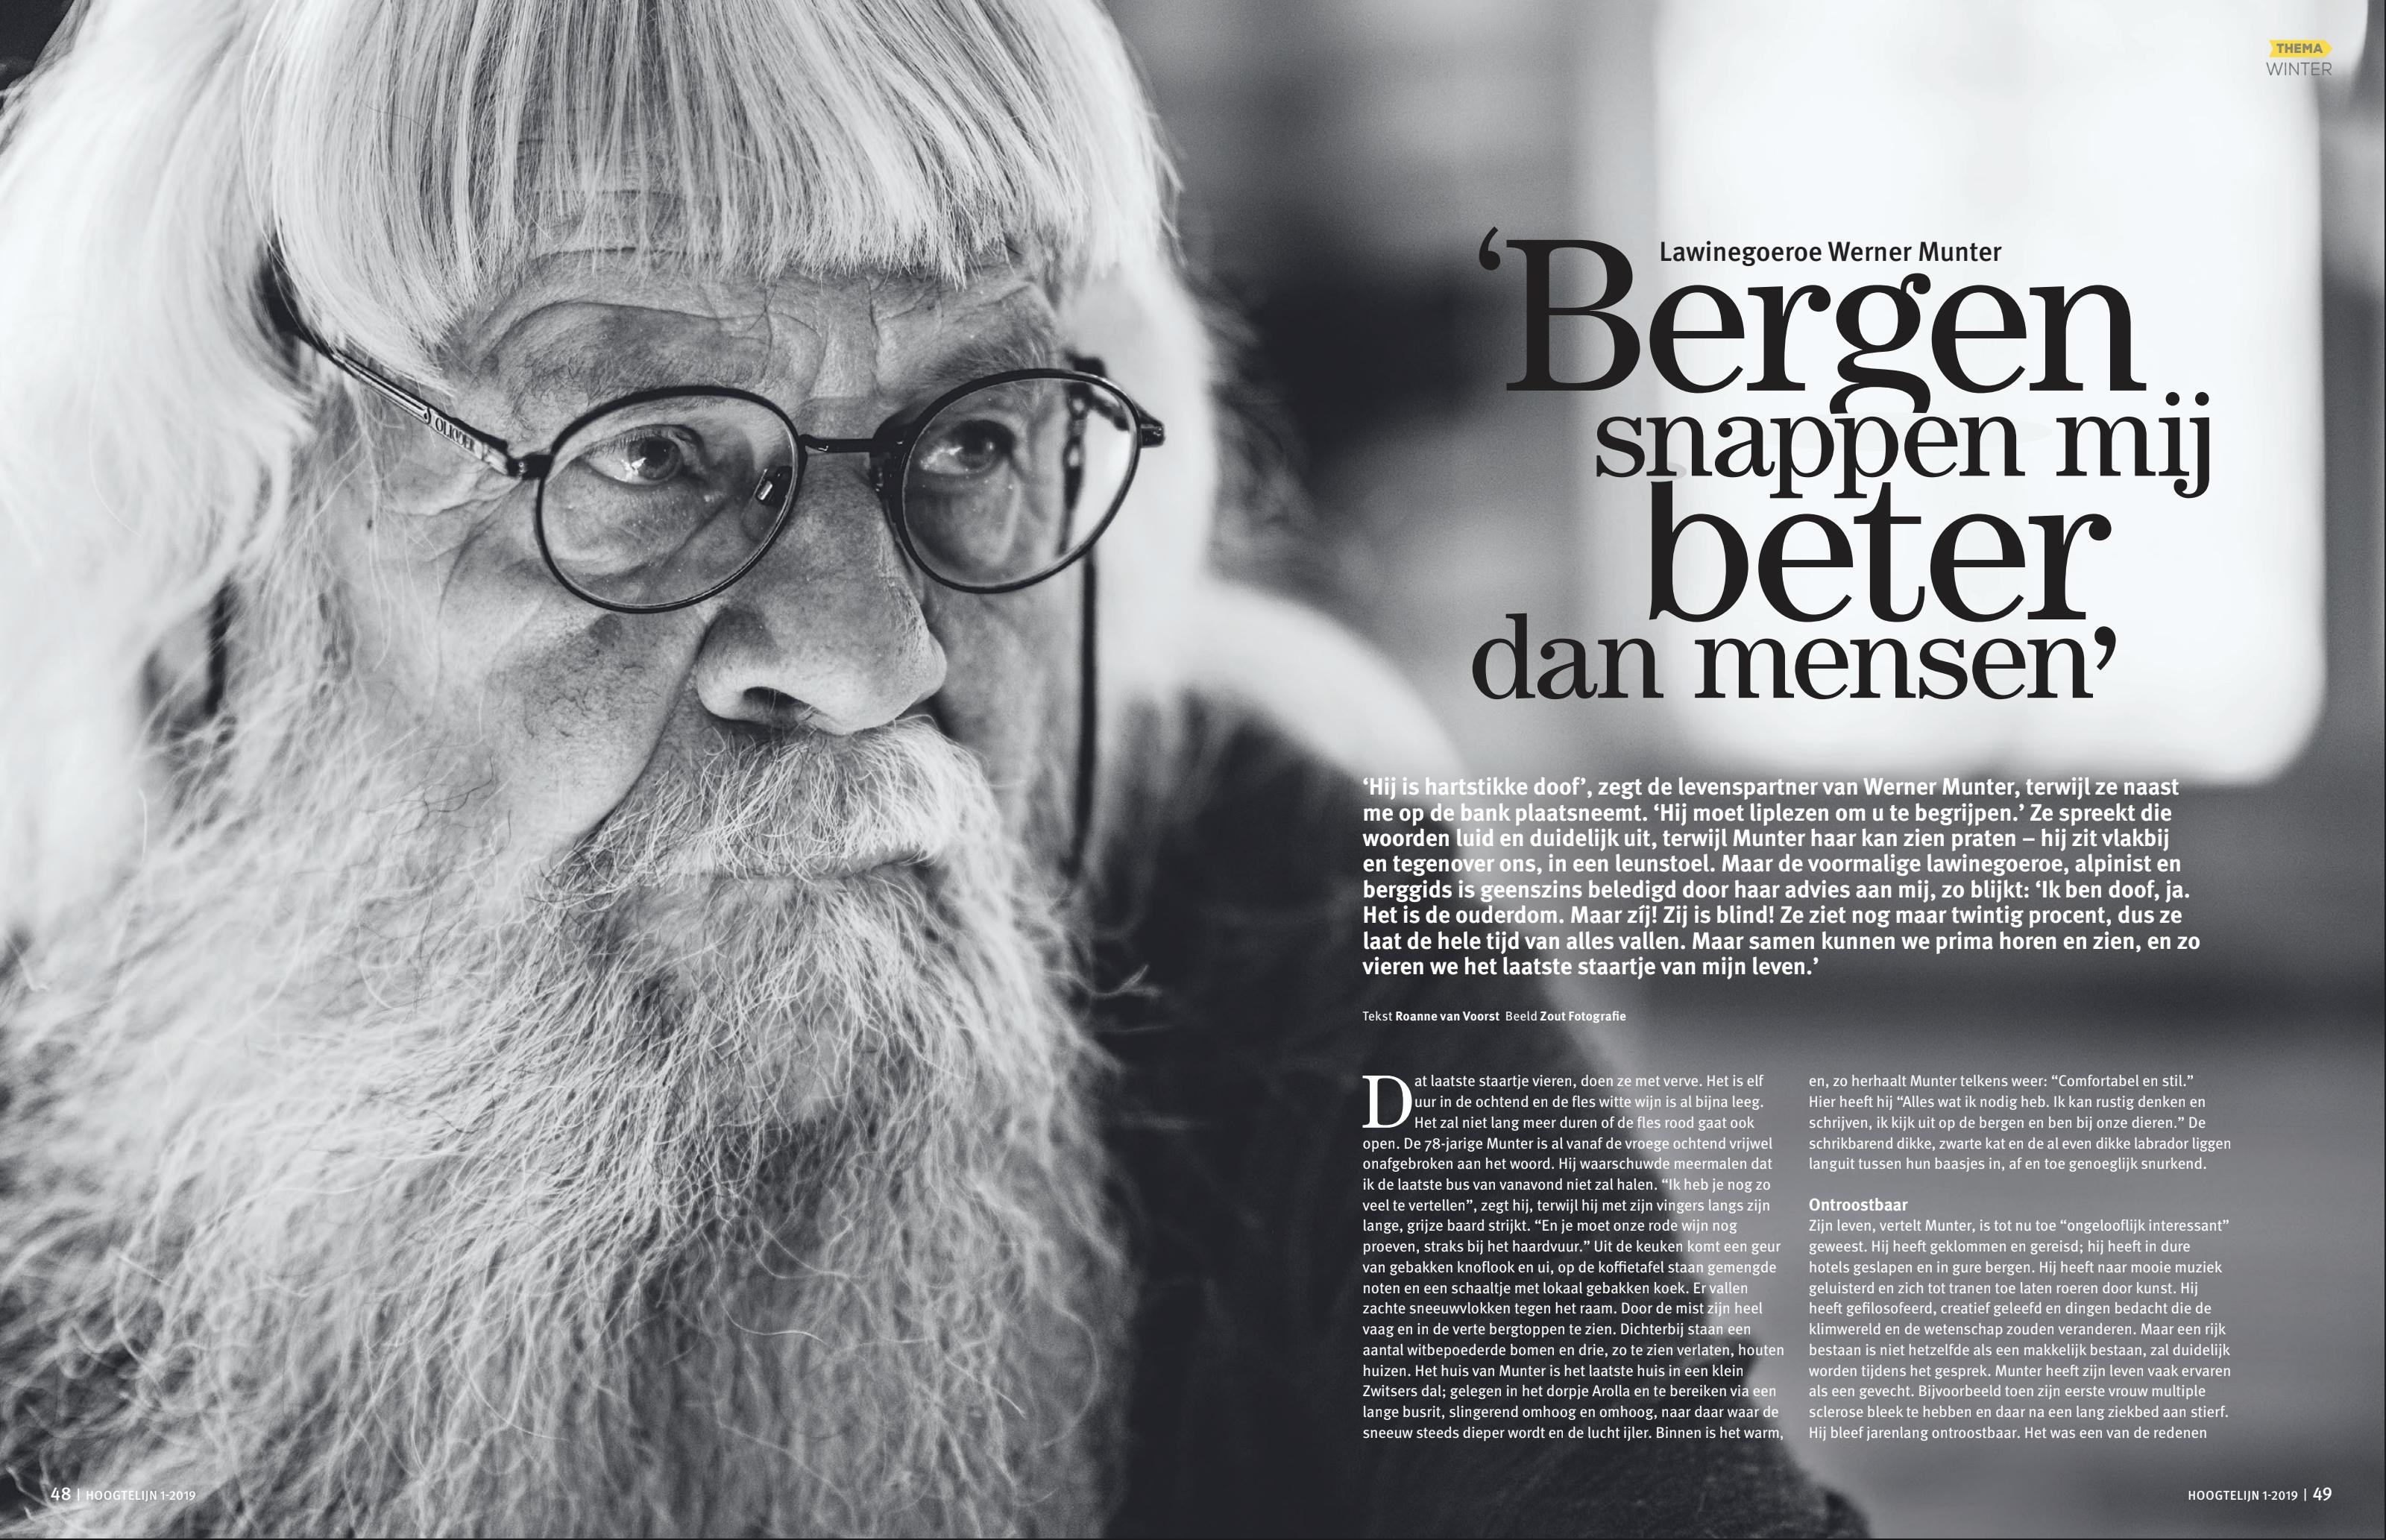 Interview Hoogtelijn Werner Munter